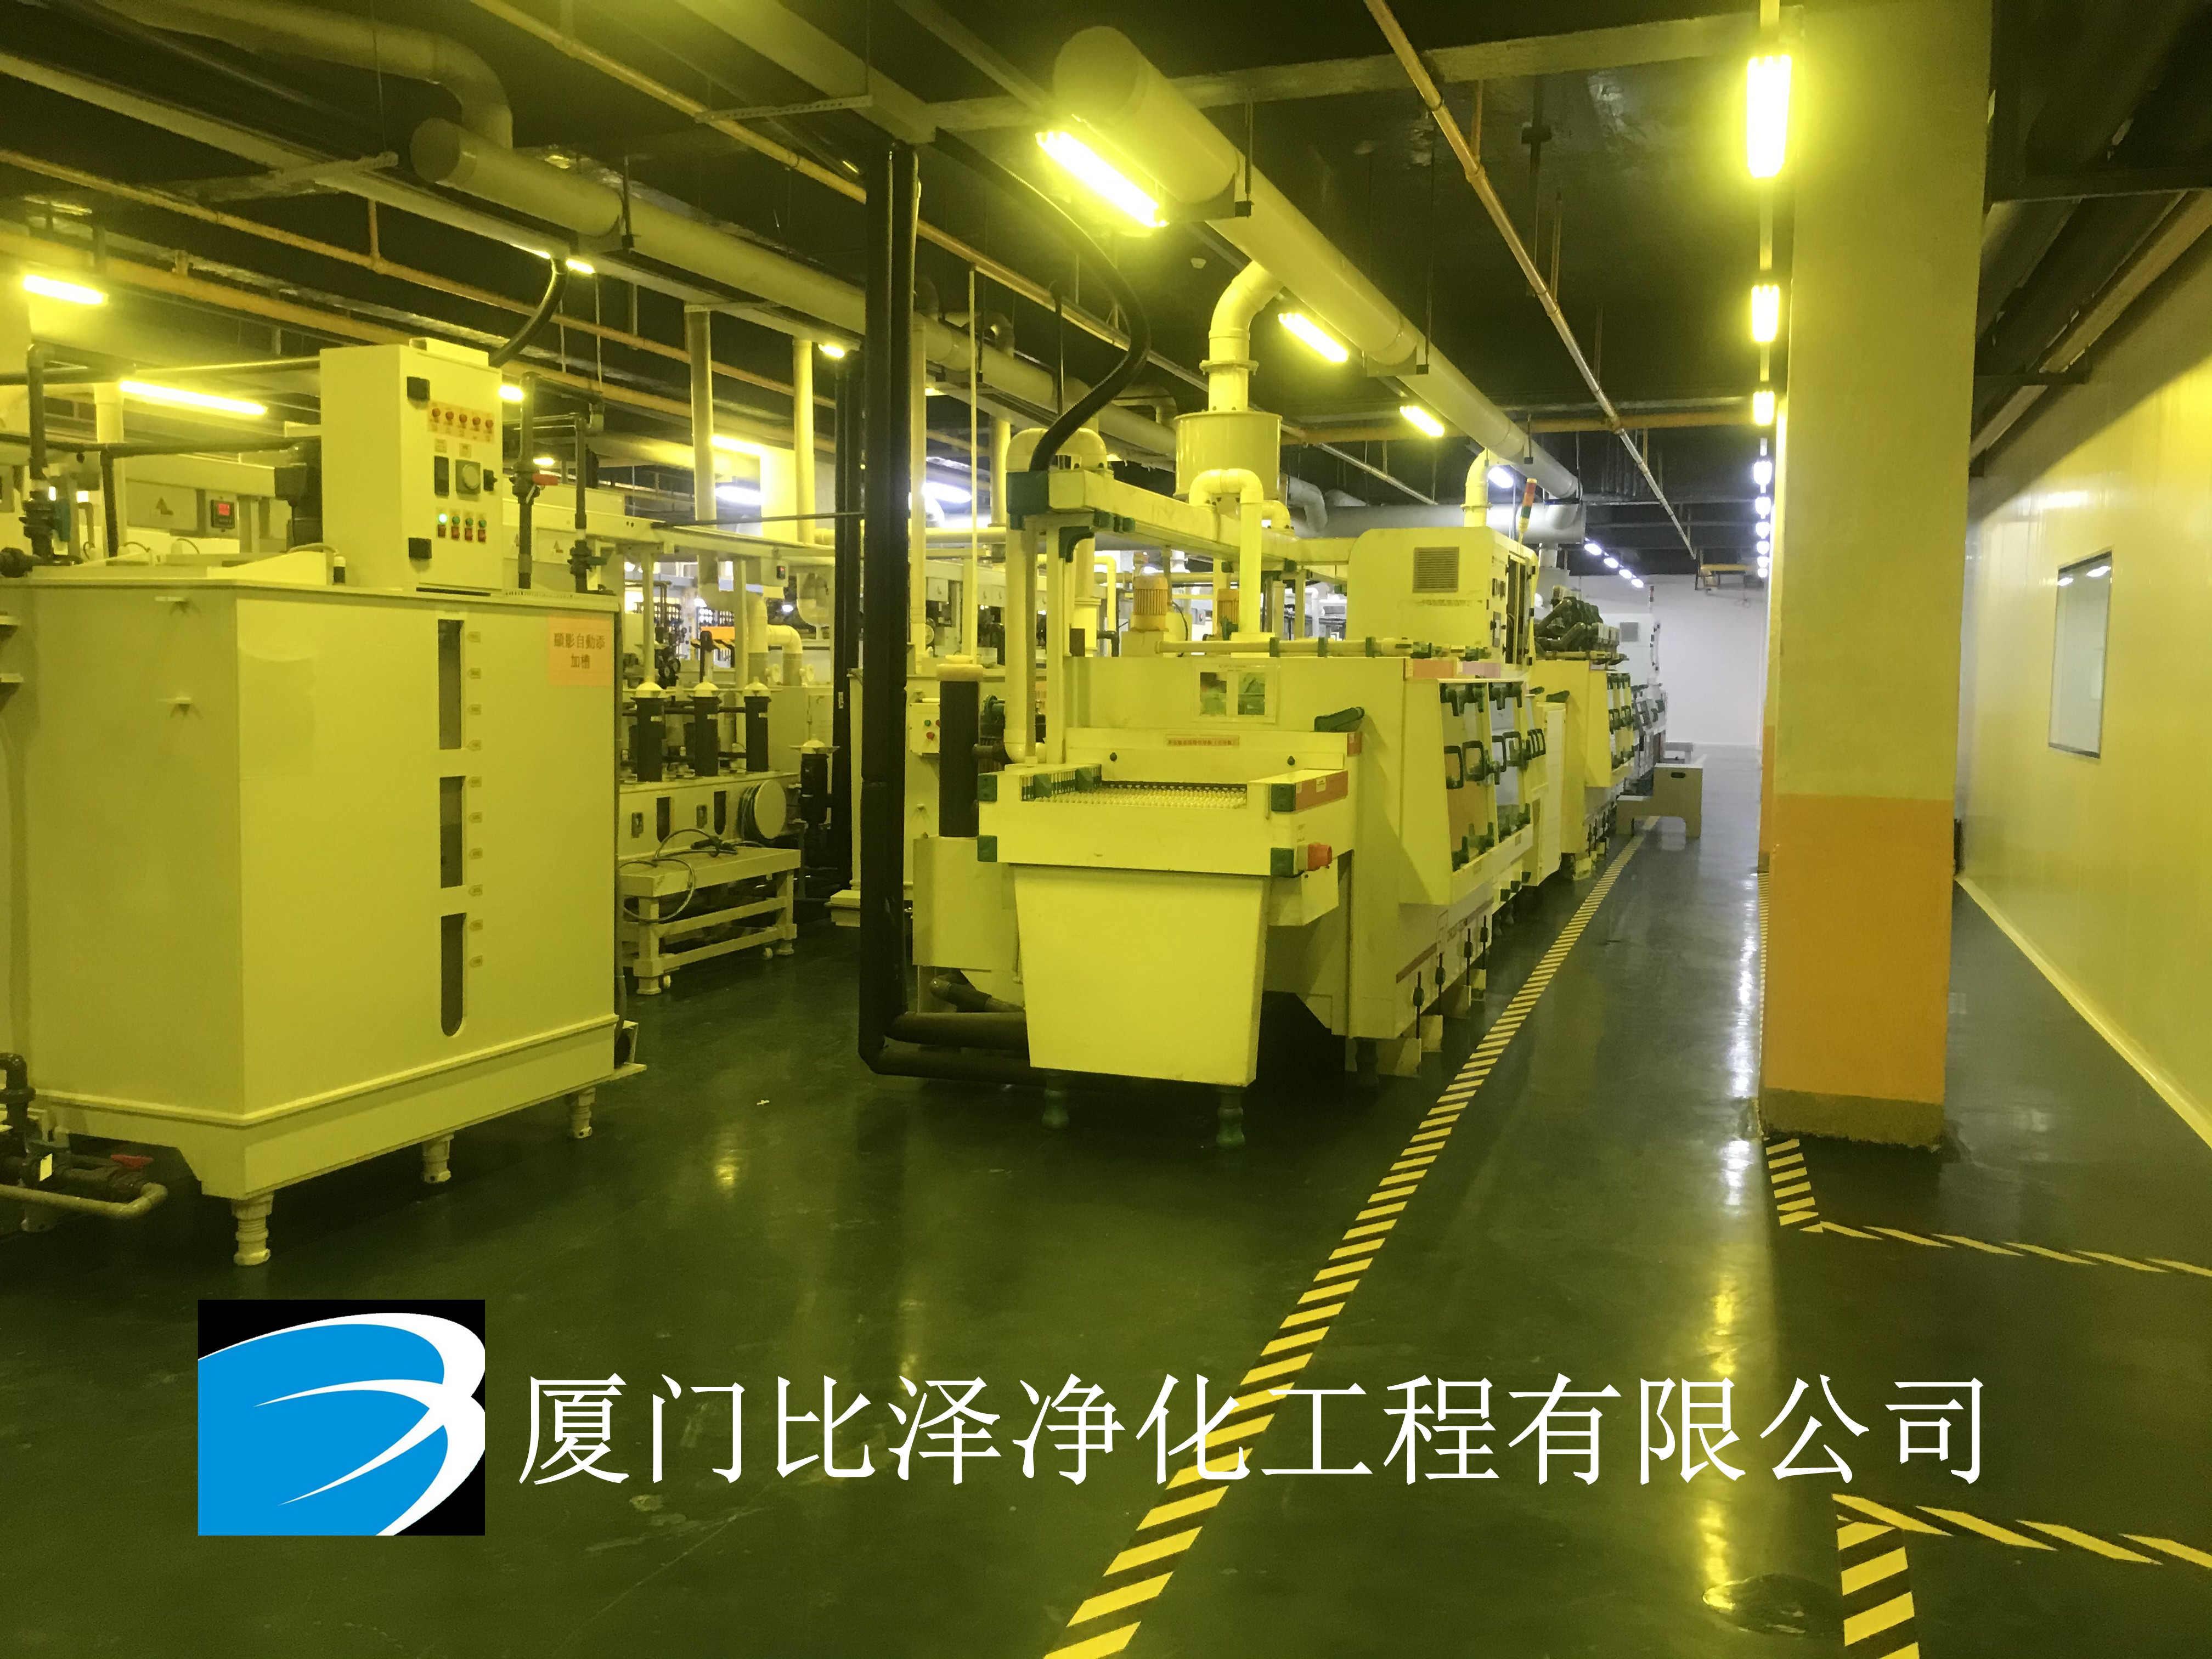 源乾电子恒温恒湿洁净厂房(万级、千级)系统工程